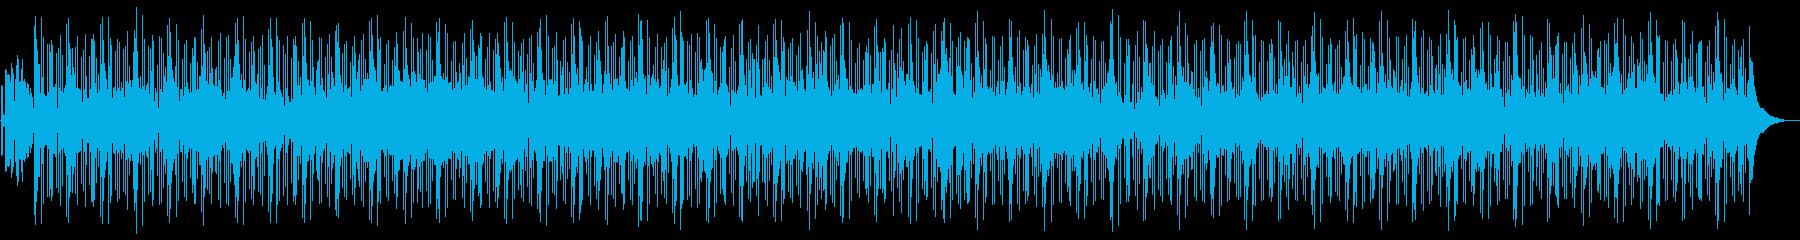 バサノバ トロピカル あたたかい ...の再生済みの波形